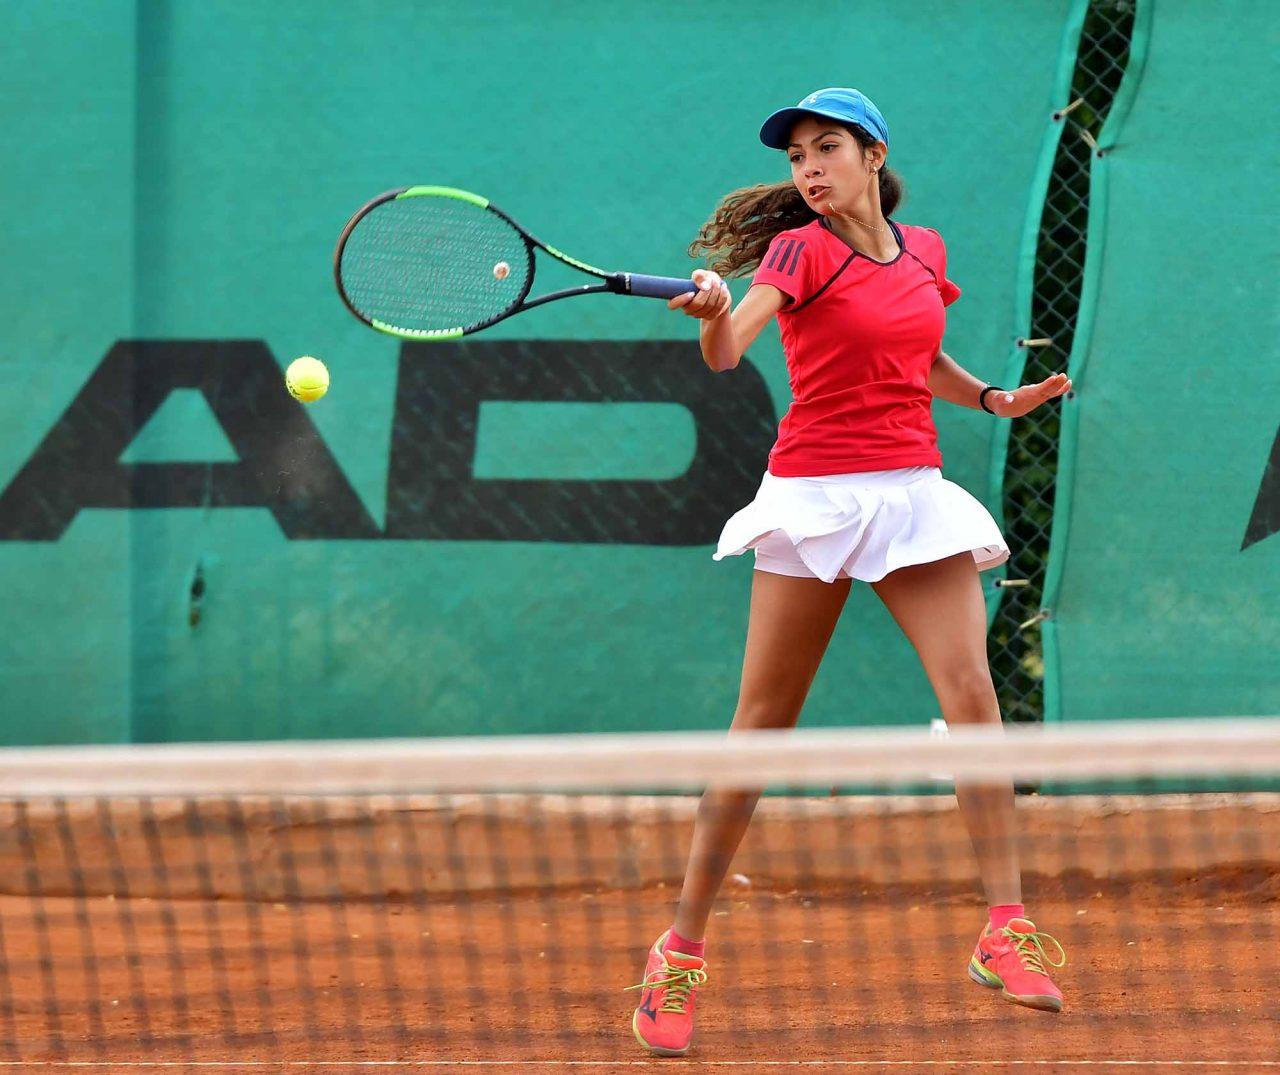 Държавно първенство тенис до 14 год. ТК 15-40 двойки полуфинал (10)